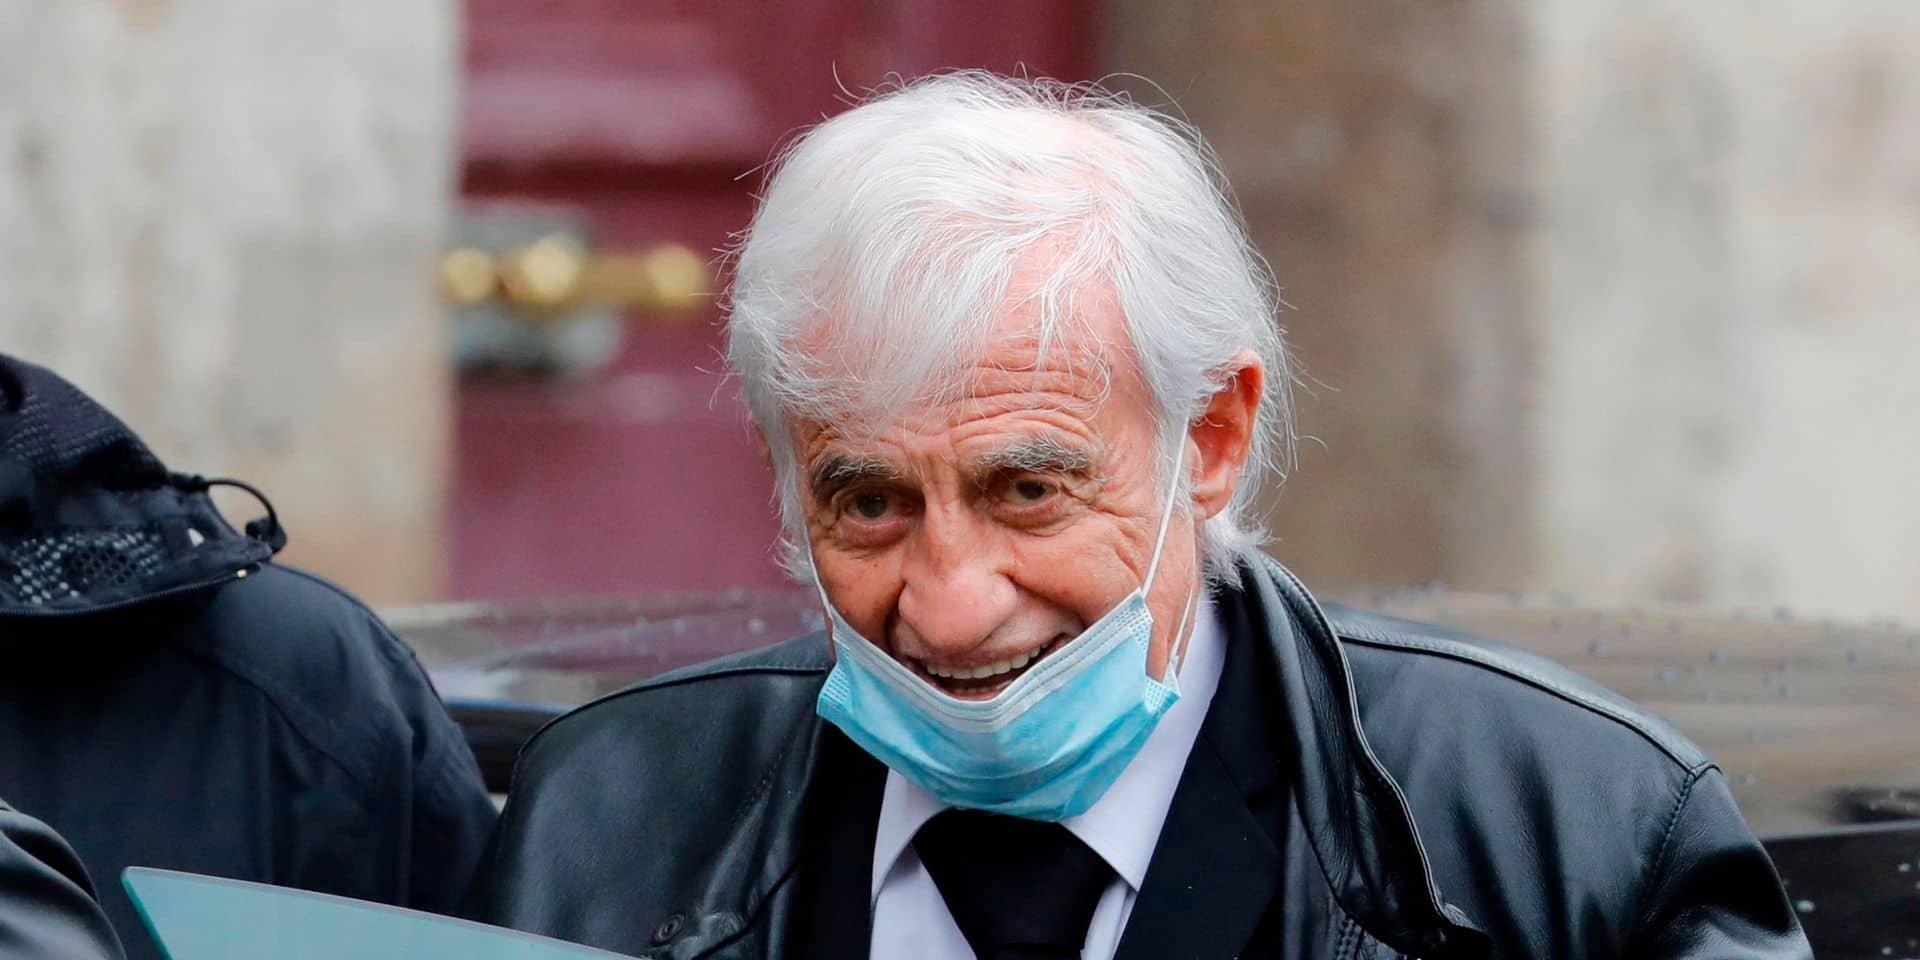 """Antoine Duléry: """"Jean-Paul Belmondo va très bien, il fait toujours l'imbécile"""""""